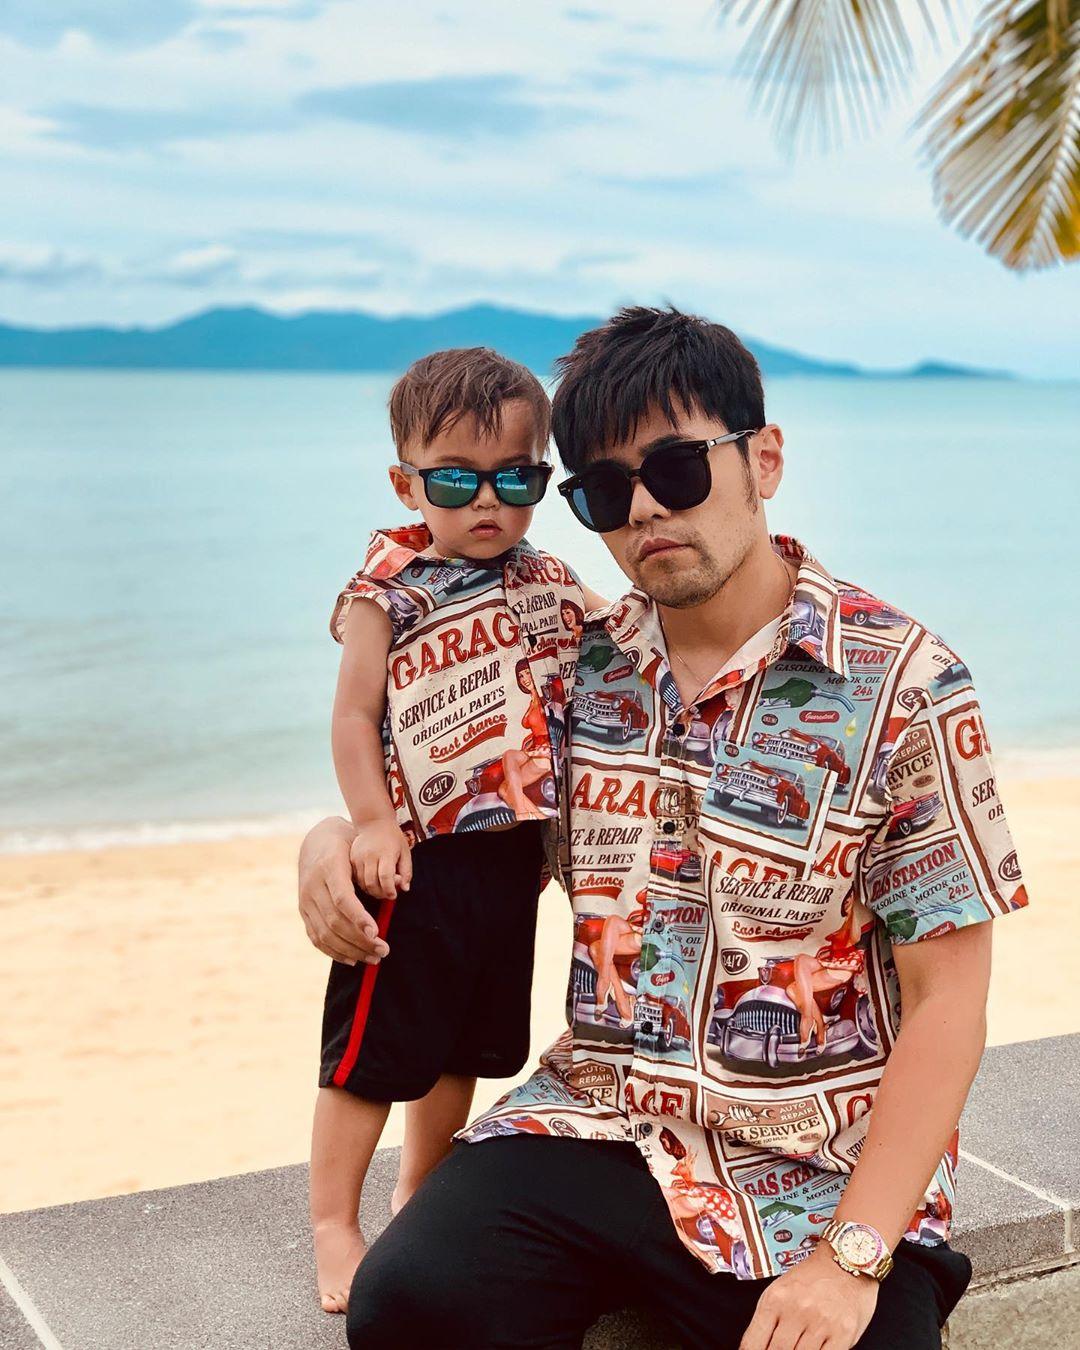 周杰倫貼出一張與兒子Romeo穿上父子裝的正面合照。 周杰倫IG